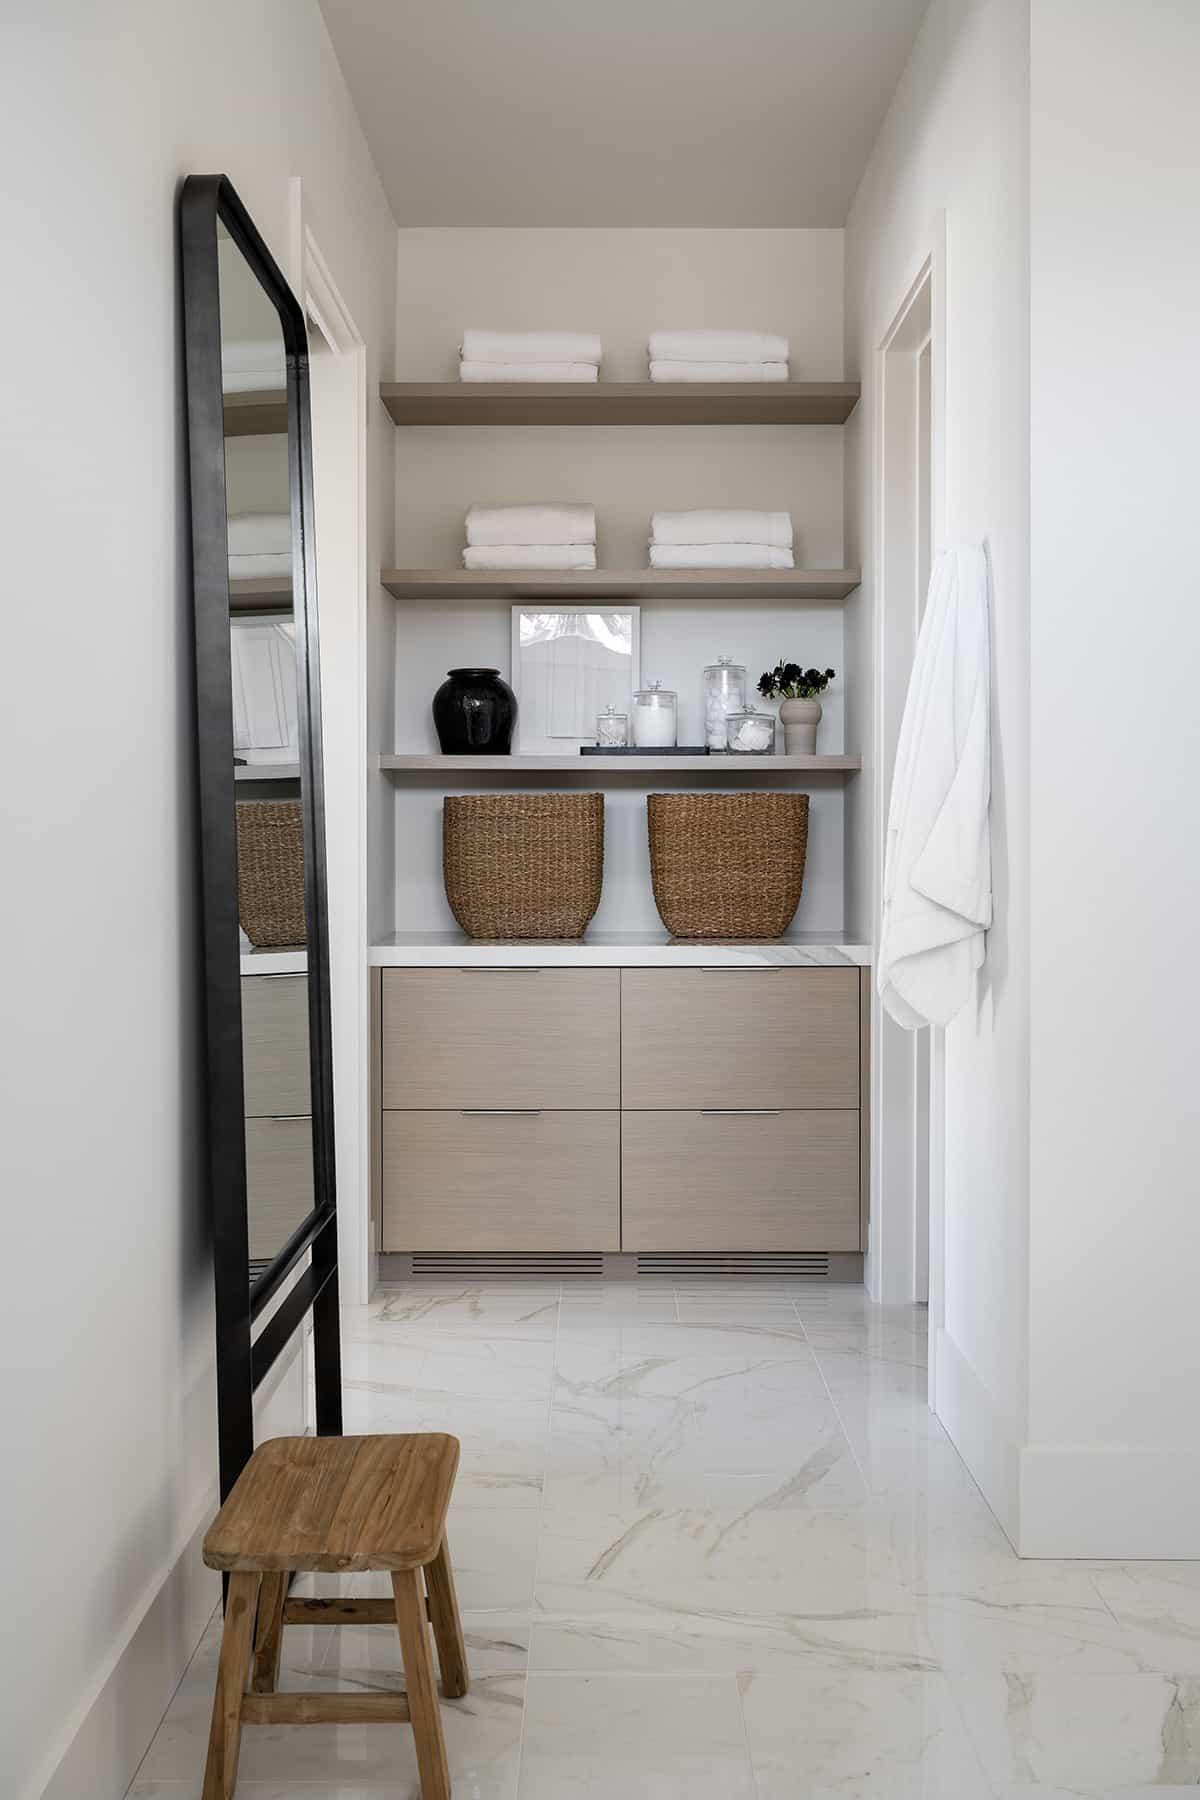 contemporary-bathroom-cabinetry-storage